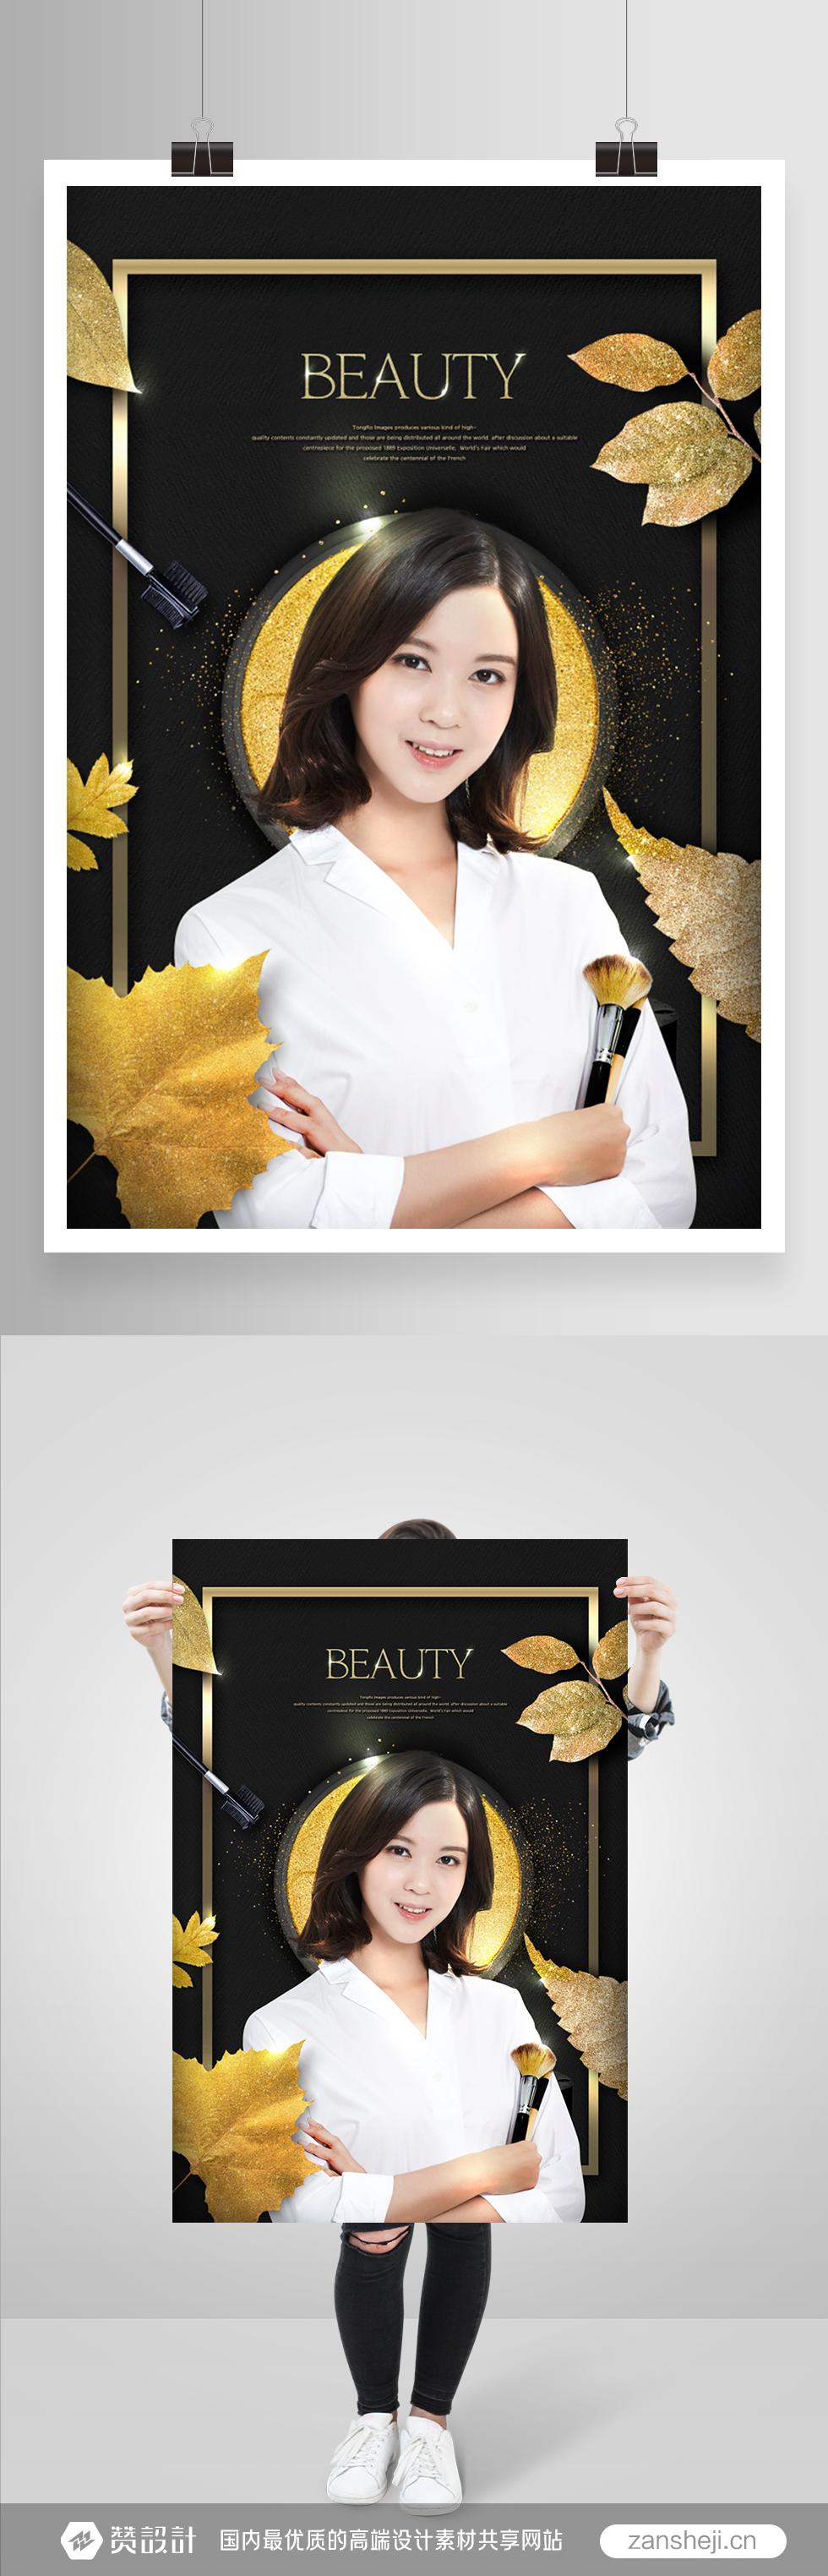 黑金色高端化妆品彩妆美女海报设计素材